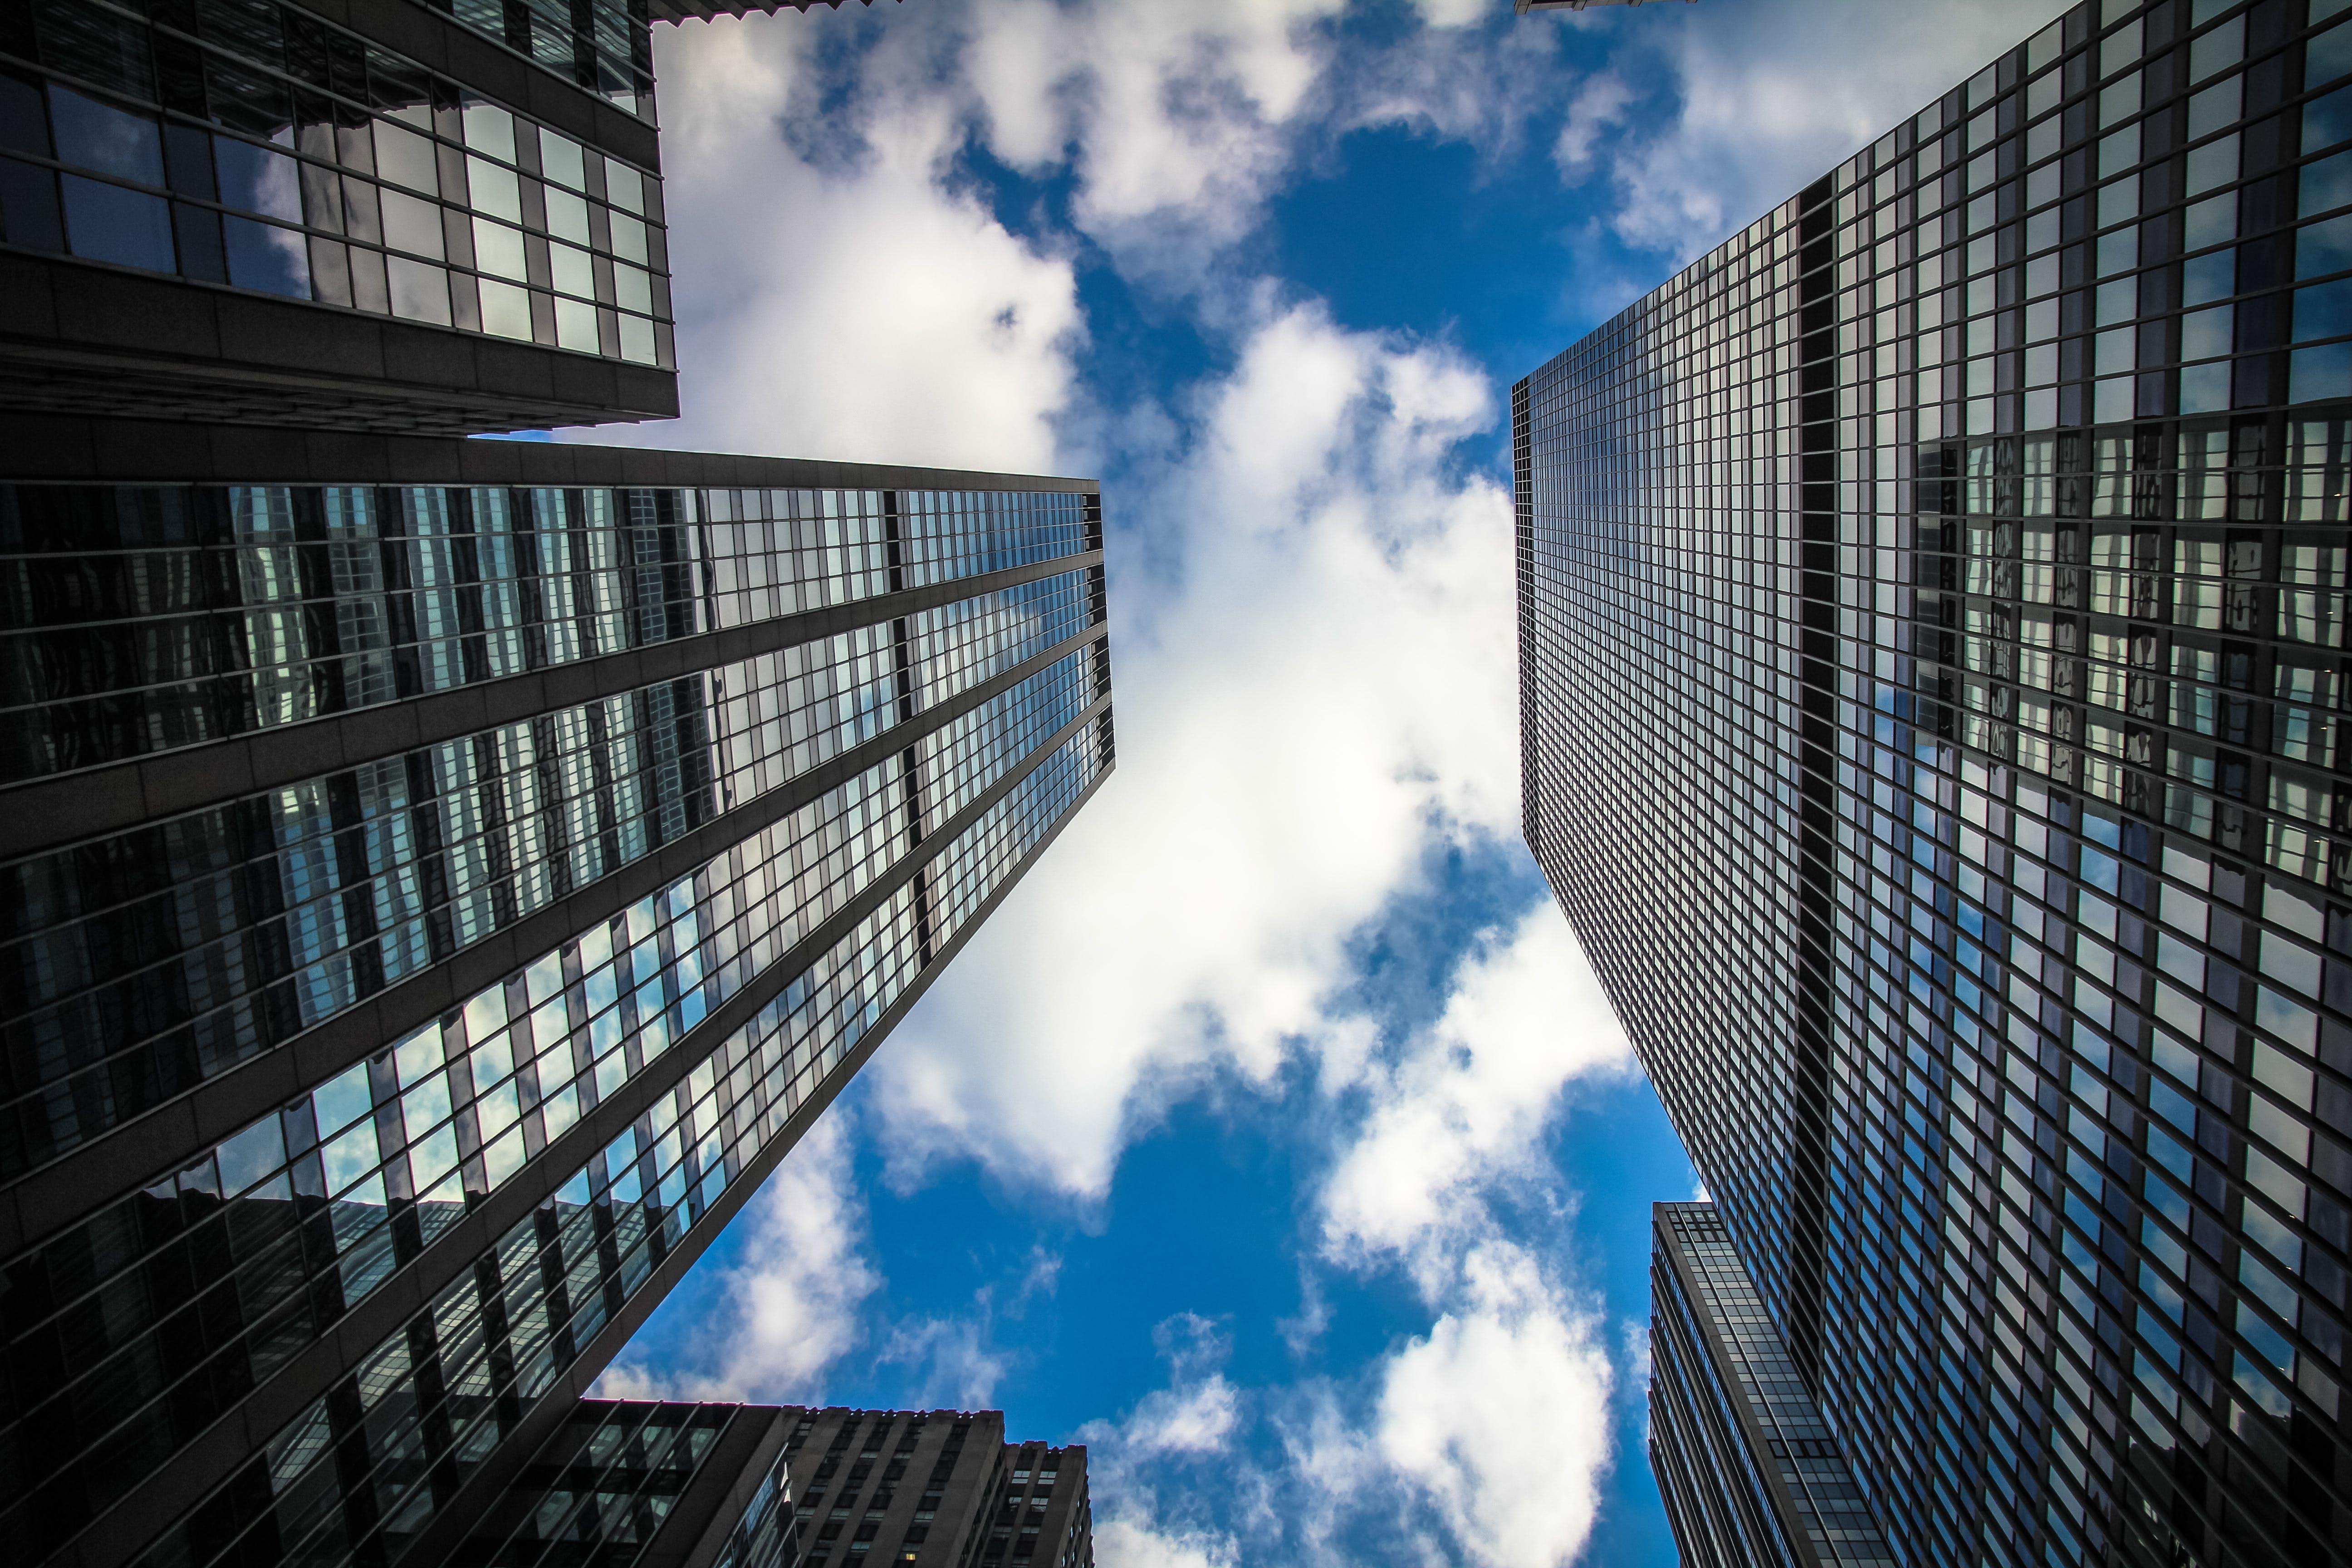 Základová fotografie zdarma na téma architektura, budovy, mrakodrapy, mraky